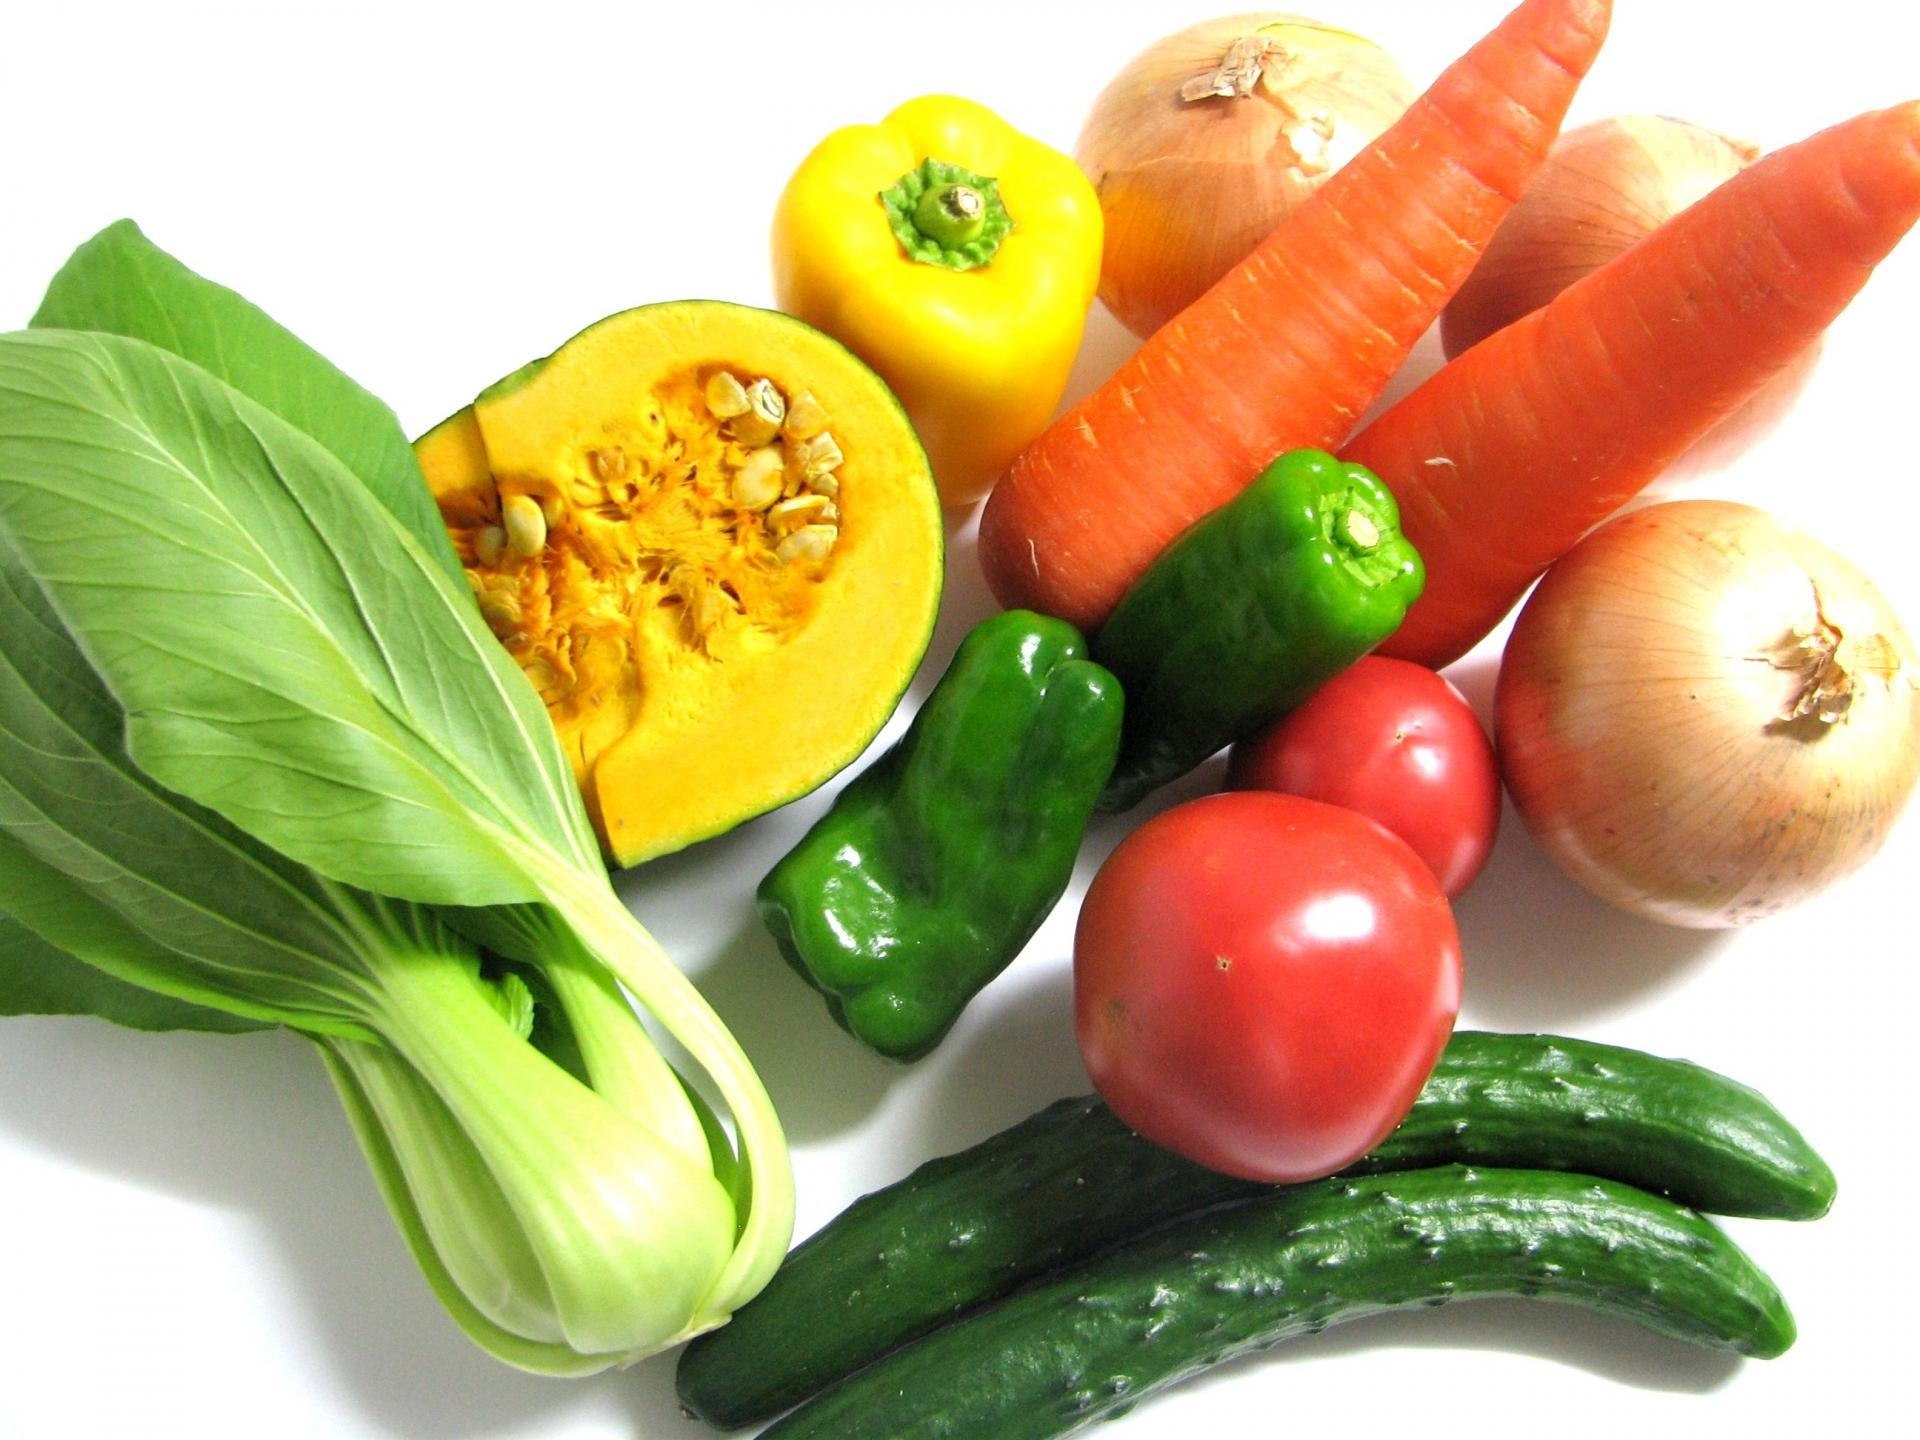 必要な栄養素